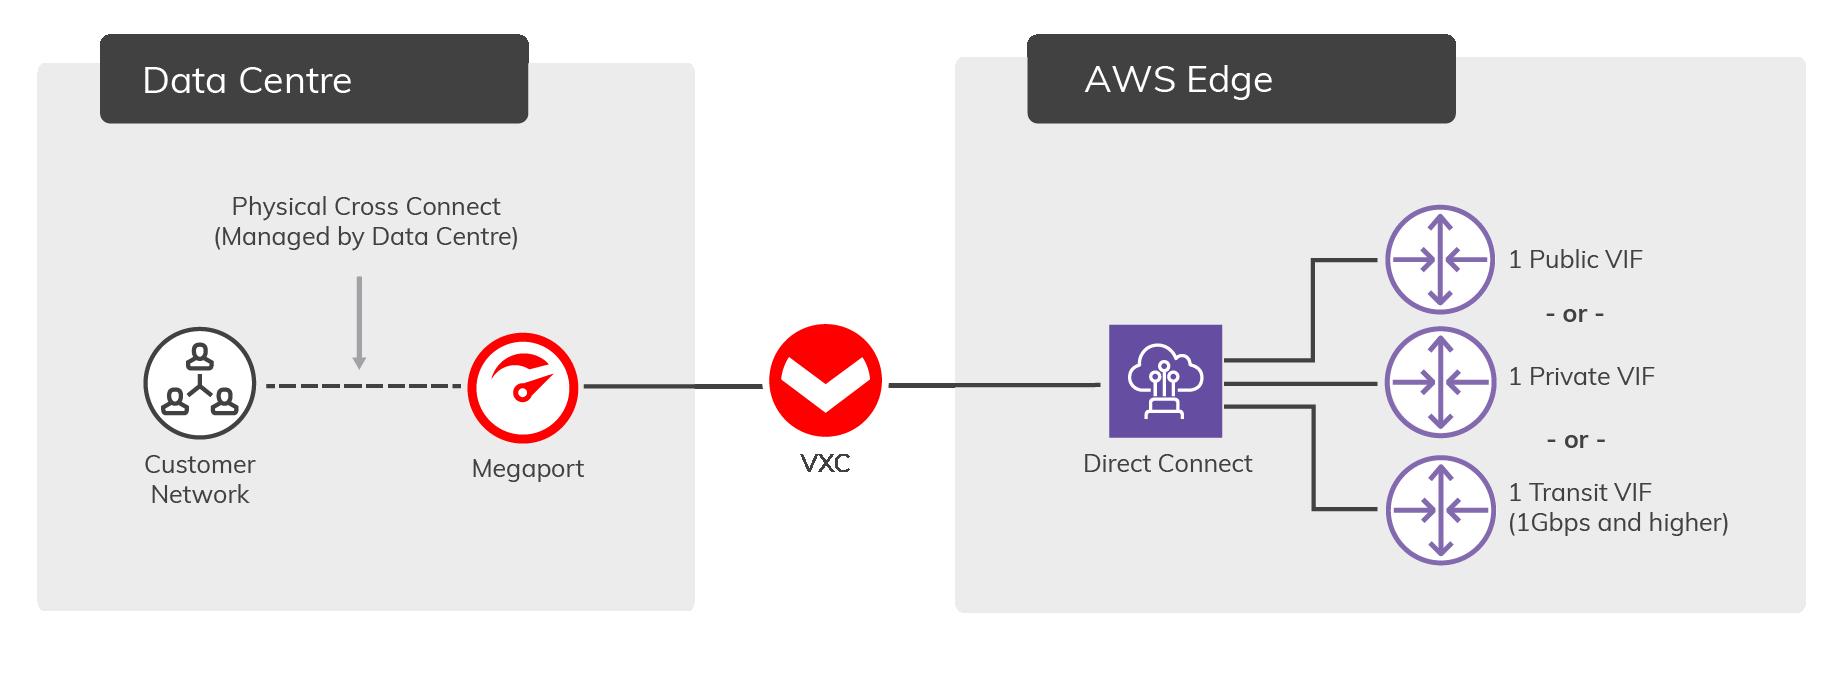 Diagramm zu AWS-gehosteter Verbindung